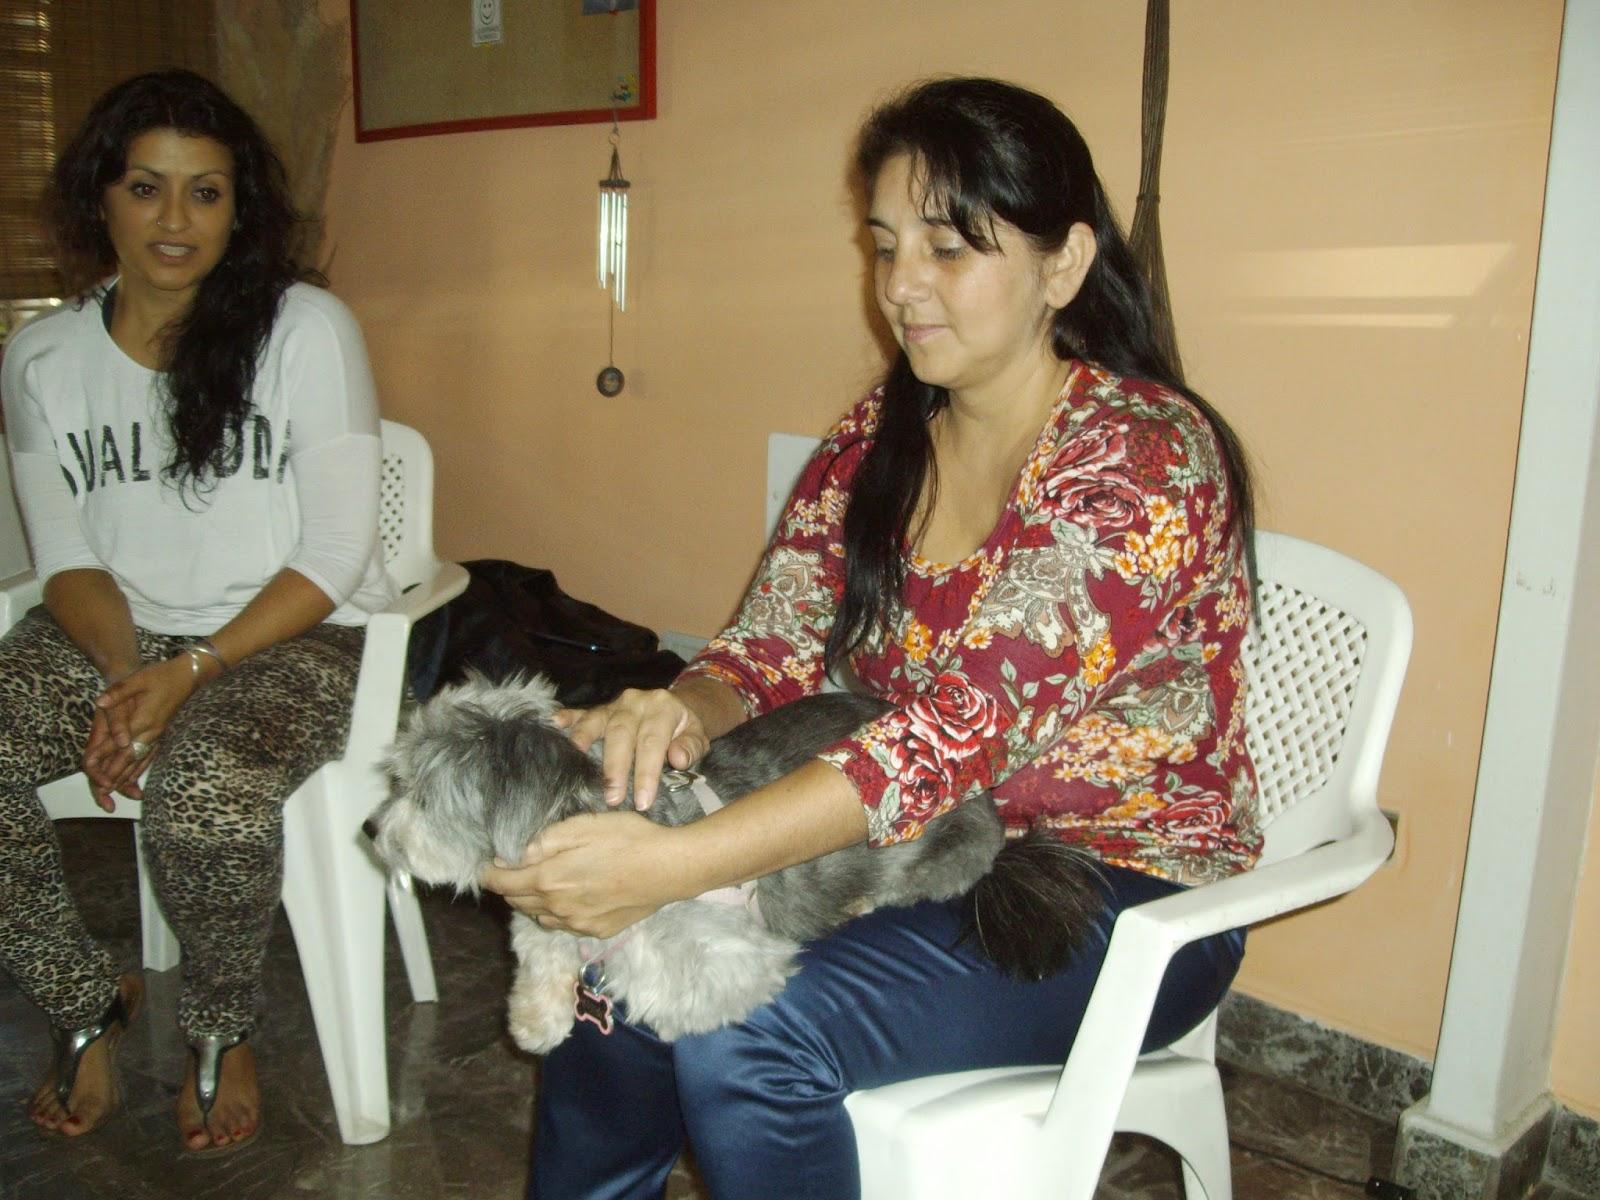 CENTRO ESCUELA DE YOGA Y TERAPIAS HOLISTICAS